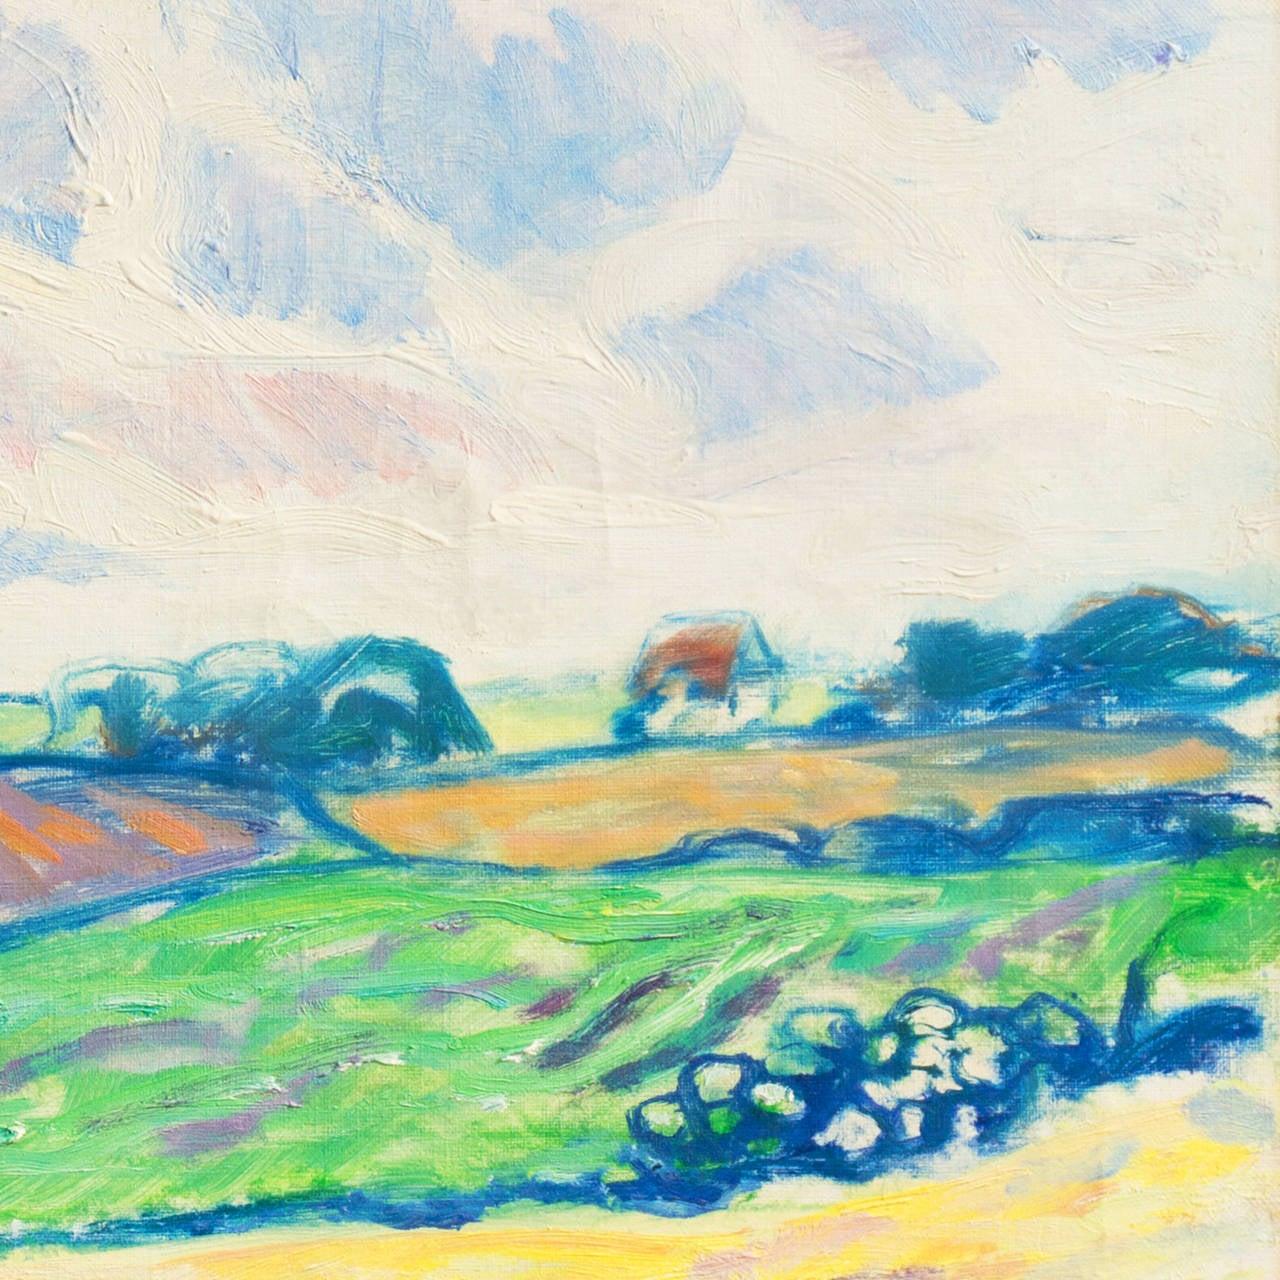 Spring Landscape 3